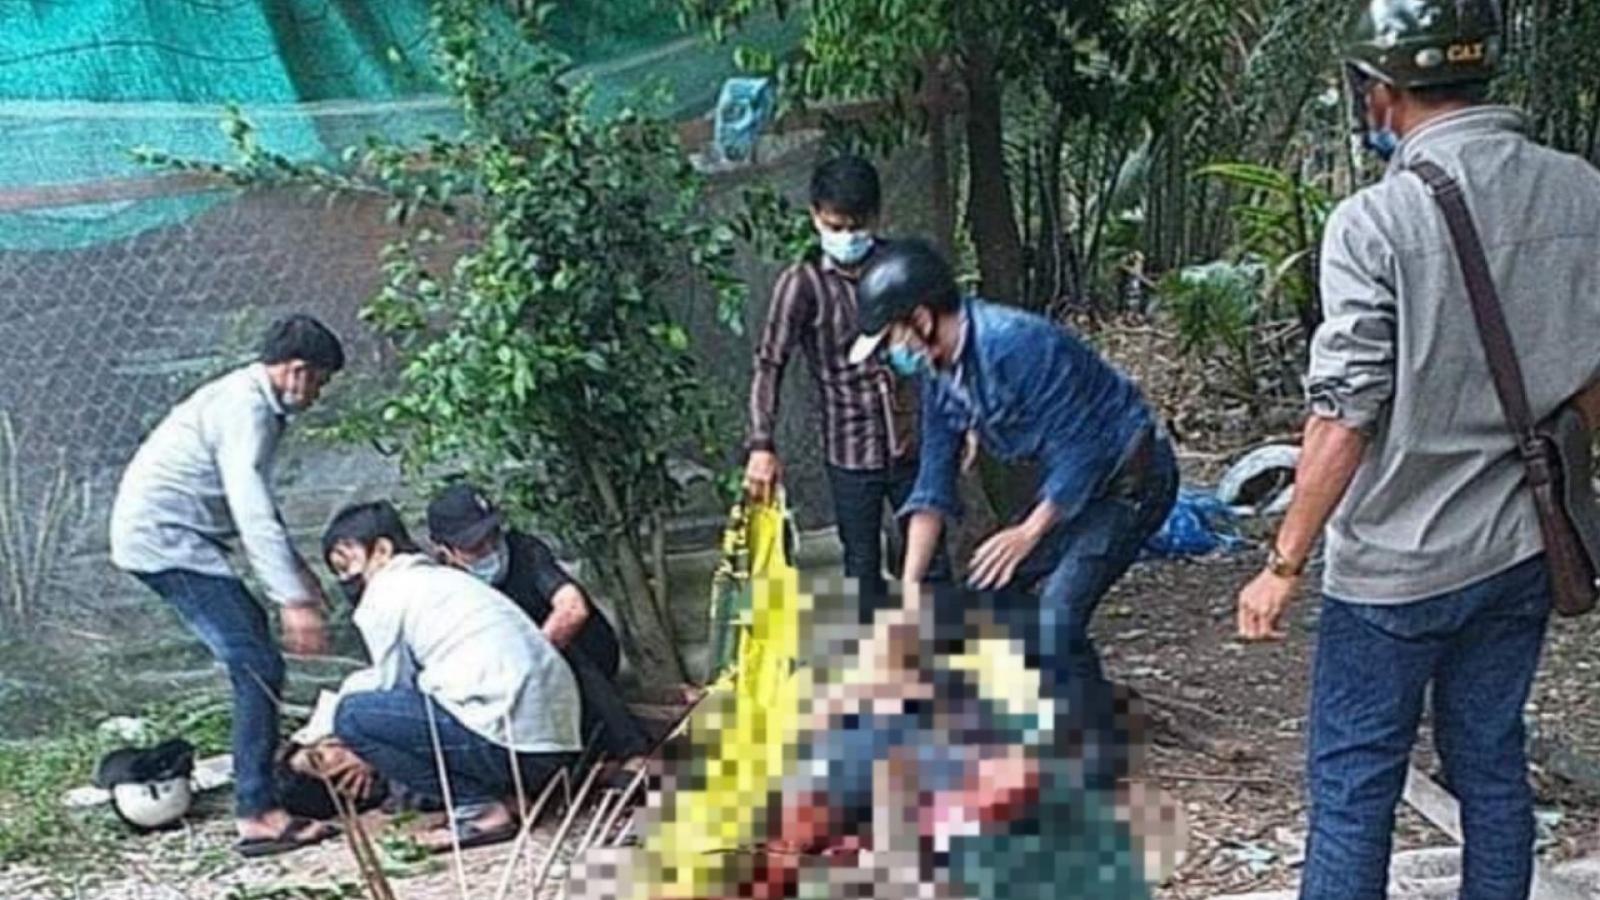 Hỗn chiến tại Long An, 2 thanh niên bị đâm tử vong